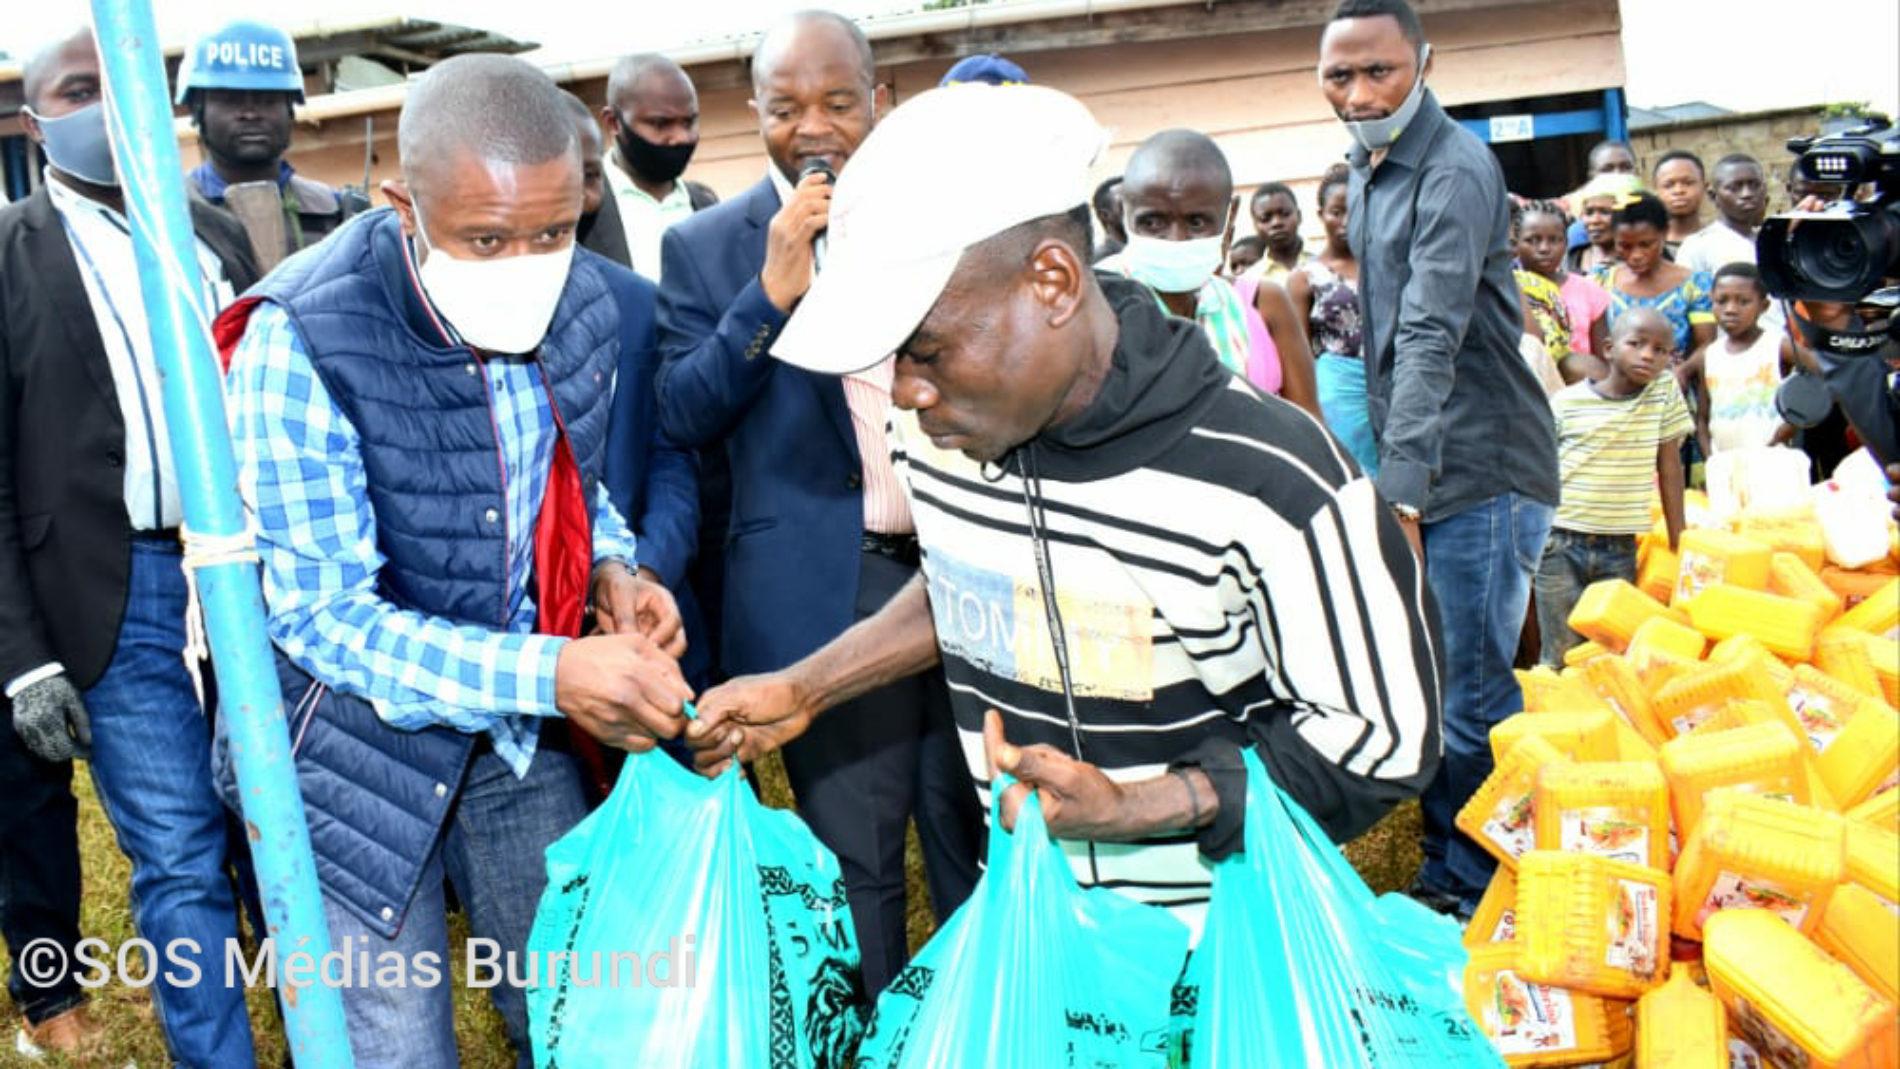 Beni (Nord-Kivu) : le gouvernement provincial assiste en vivres les déplacés de Rwenzori